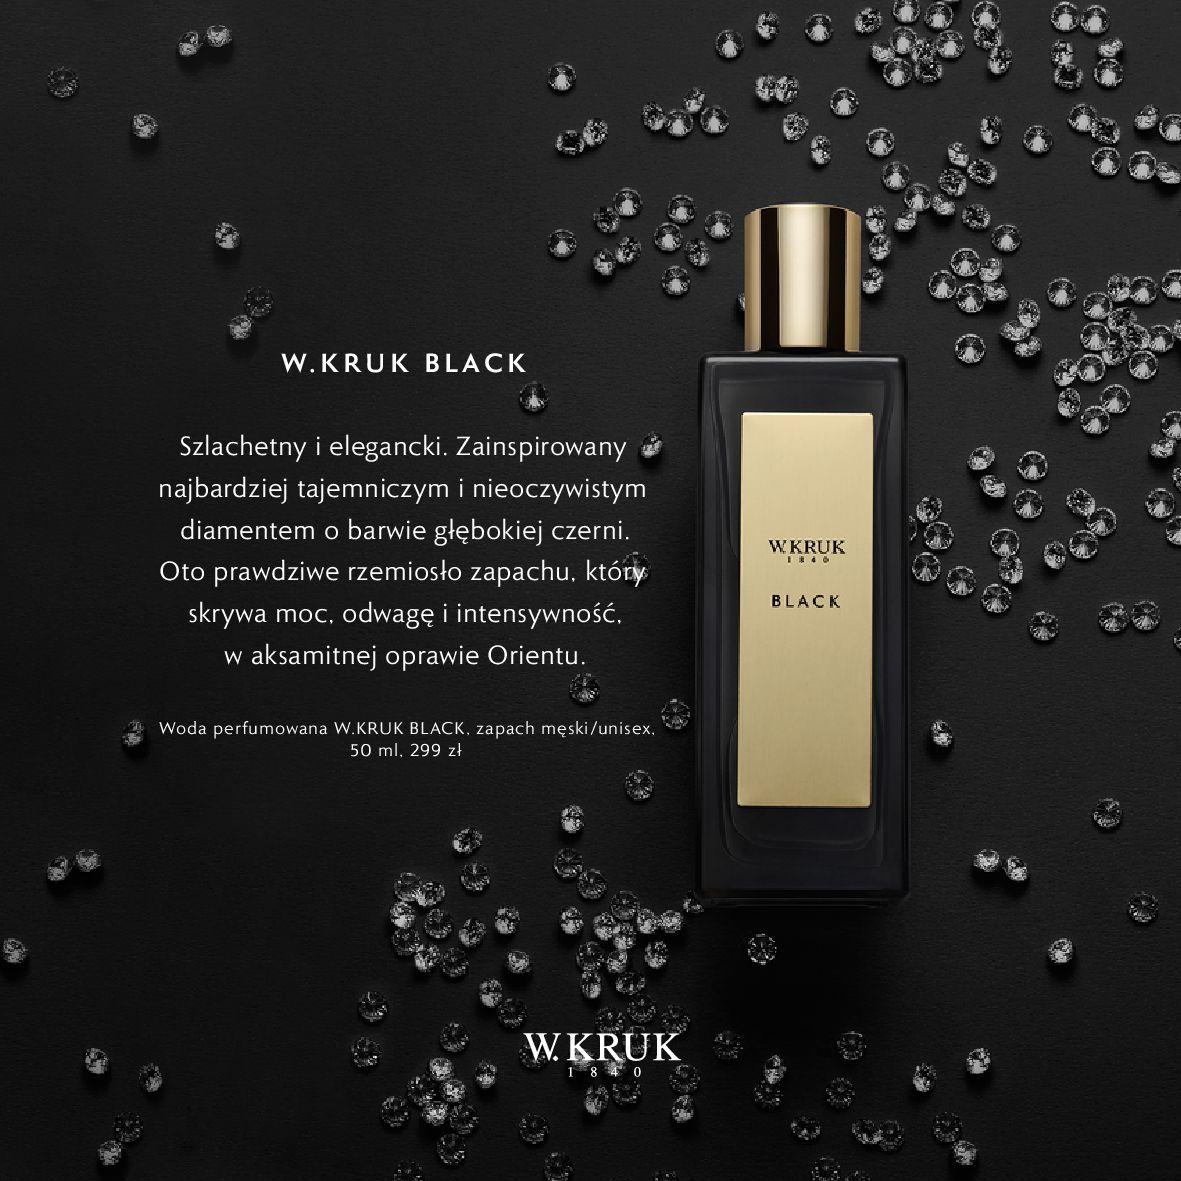 Gazetka W. KRUK: Katalog - Perfumy 2021-02-17 page-7